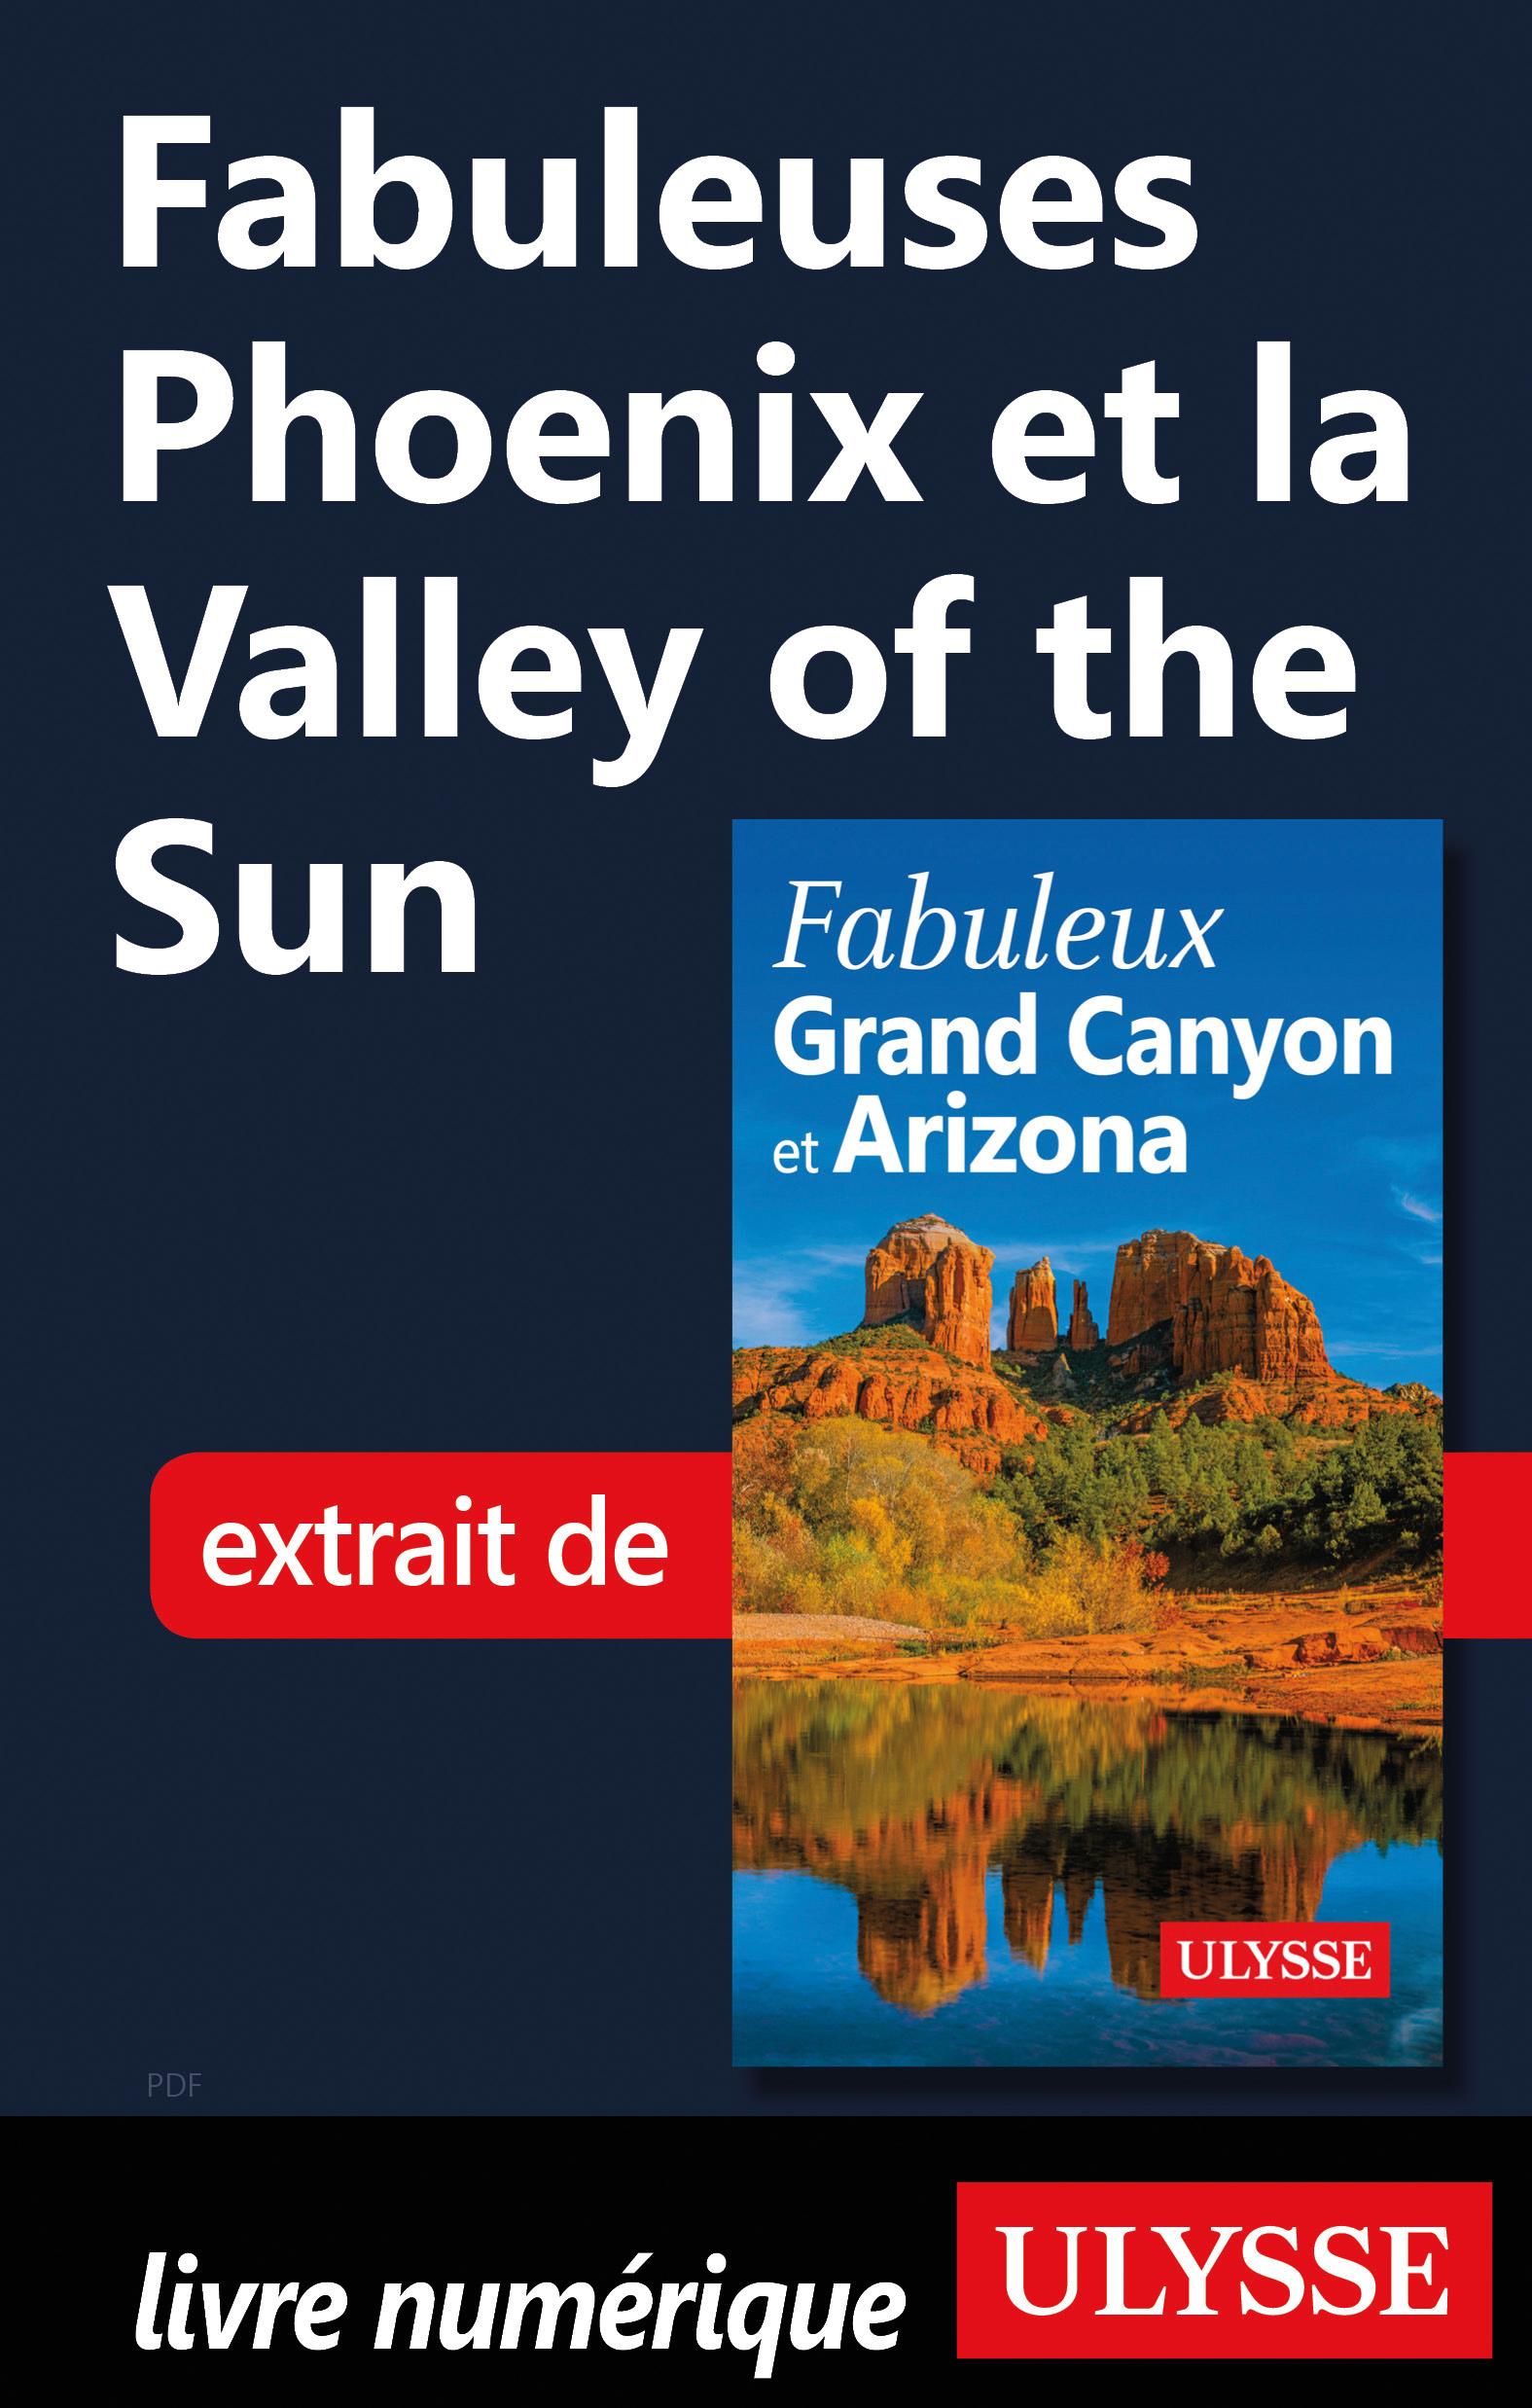 Fabuleuses Phoenix et la Valley of the Sun